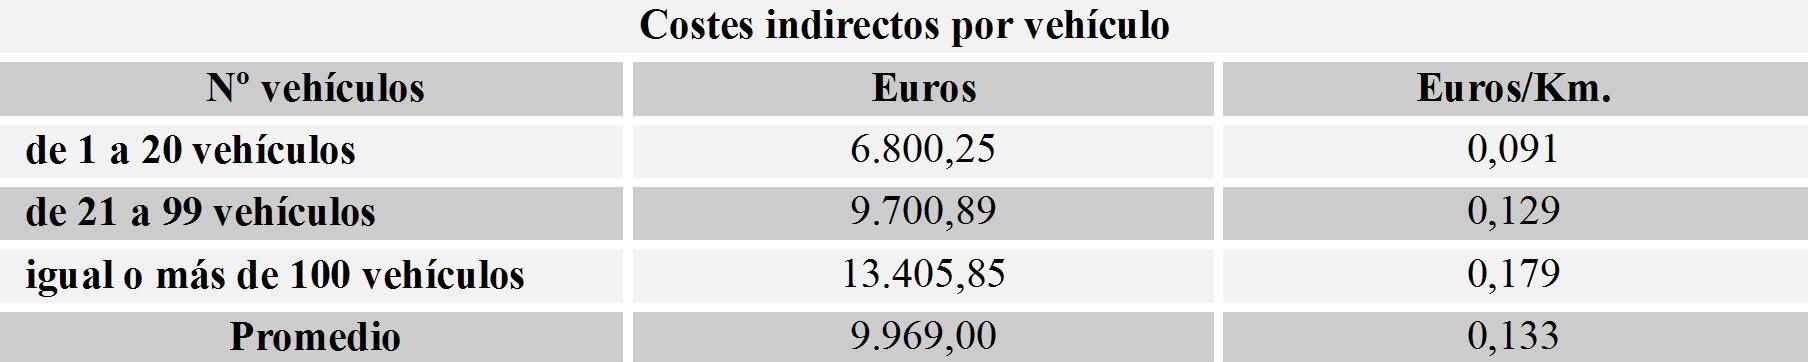 costes indirectos por kilómetro de un vehículo de la flota